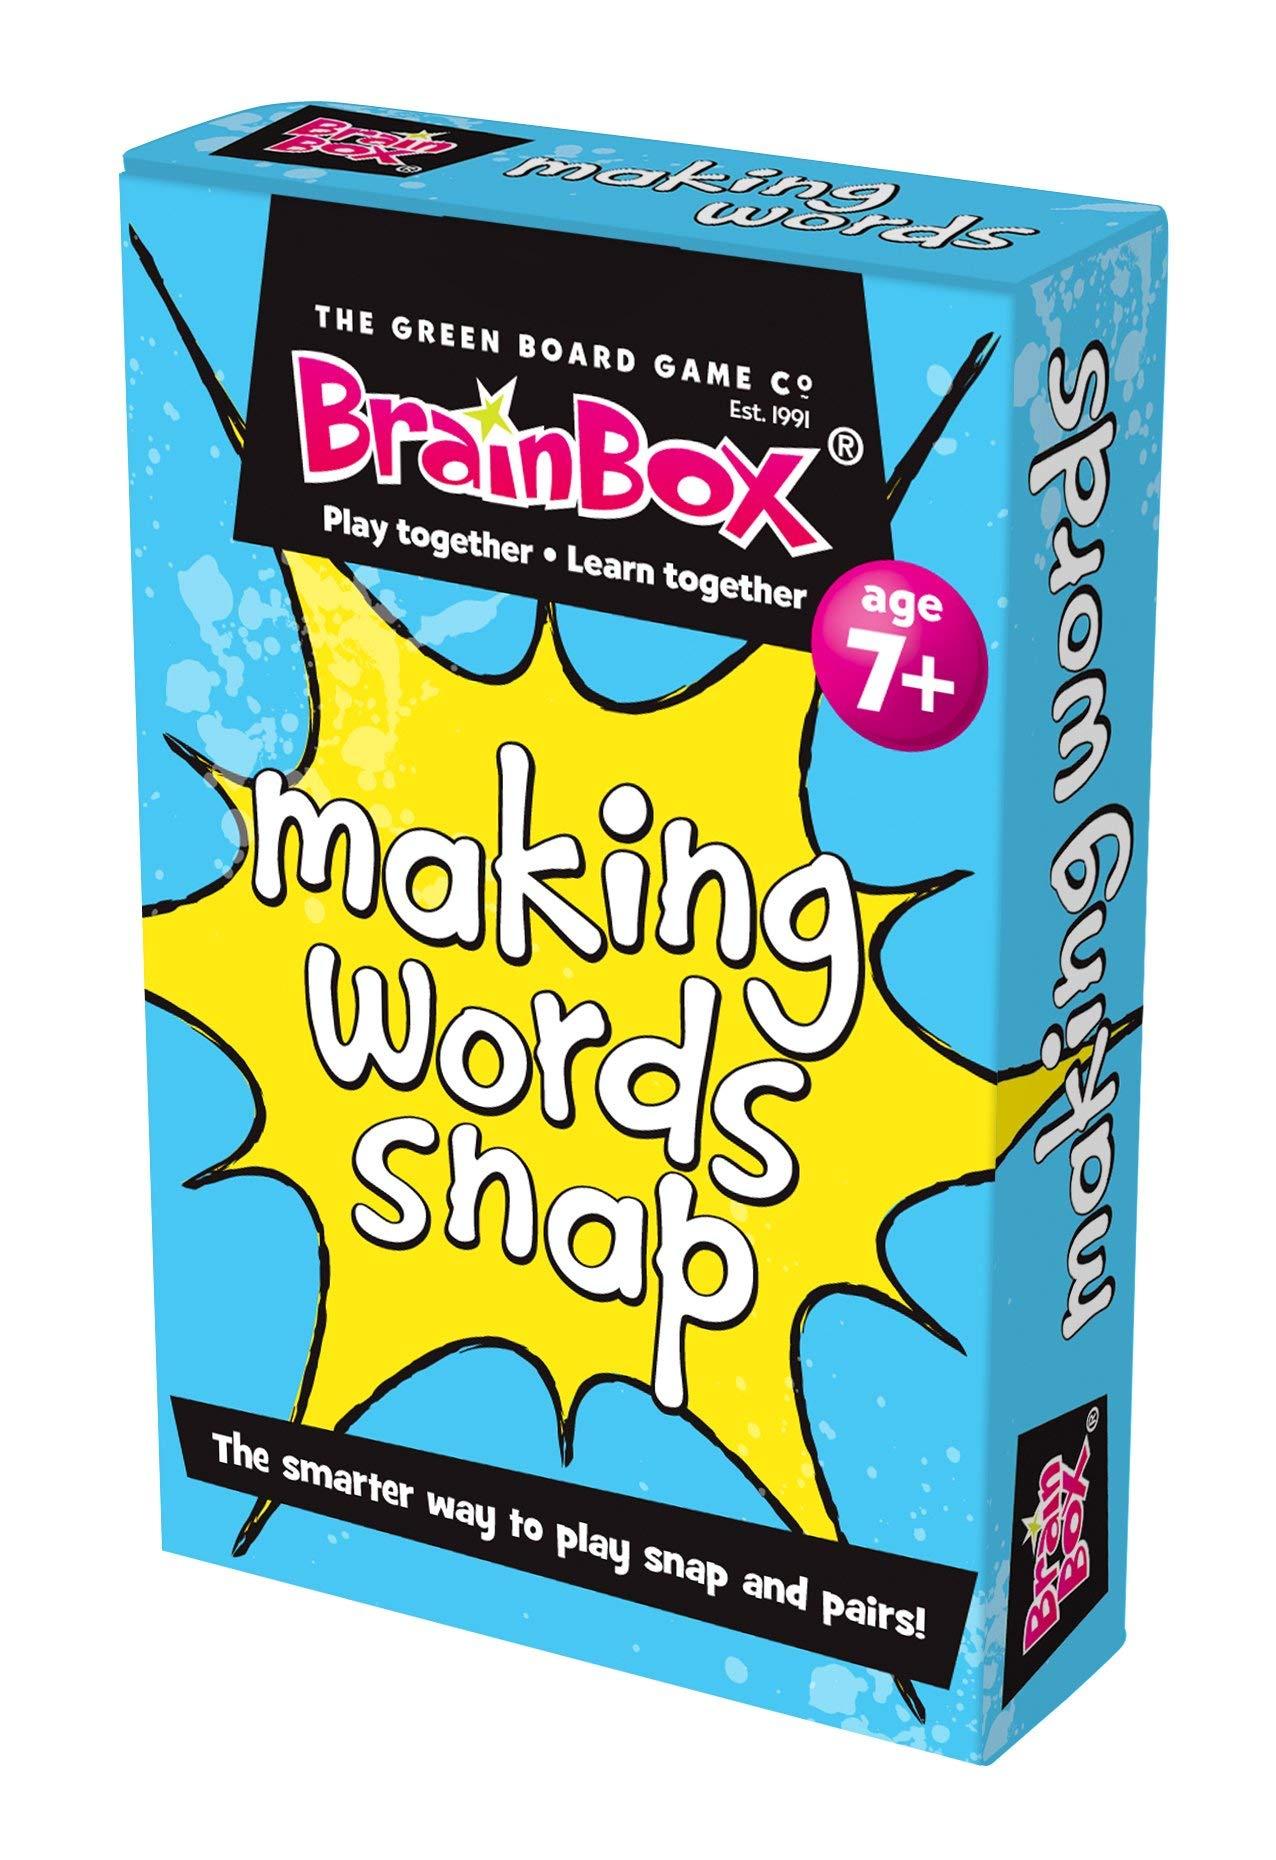 Green Board Games Making Words Snap - Juego para Aprender a Leer y Escribir (en inglés): Amazon.es: Juguetes y juegos